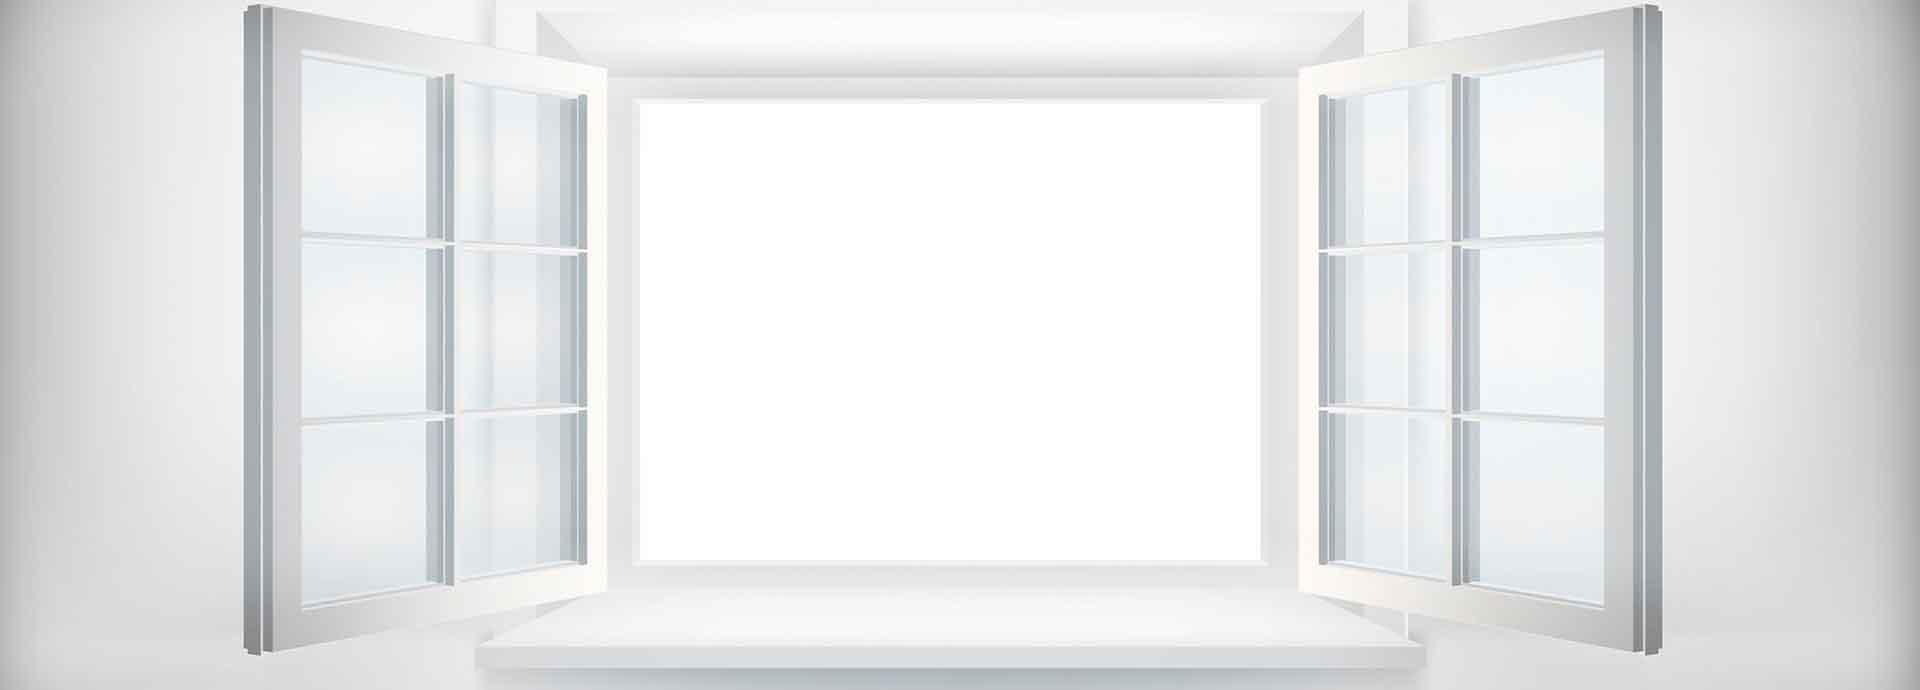 ventanas_economicas